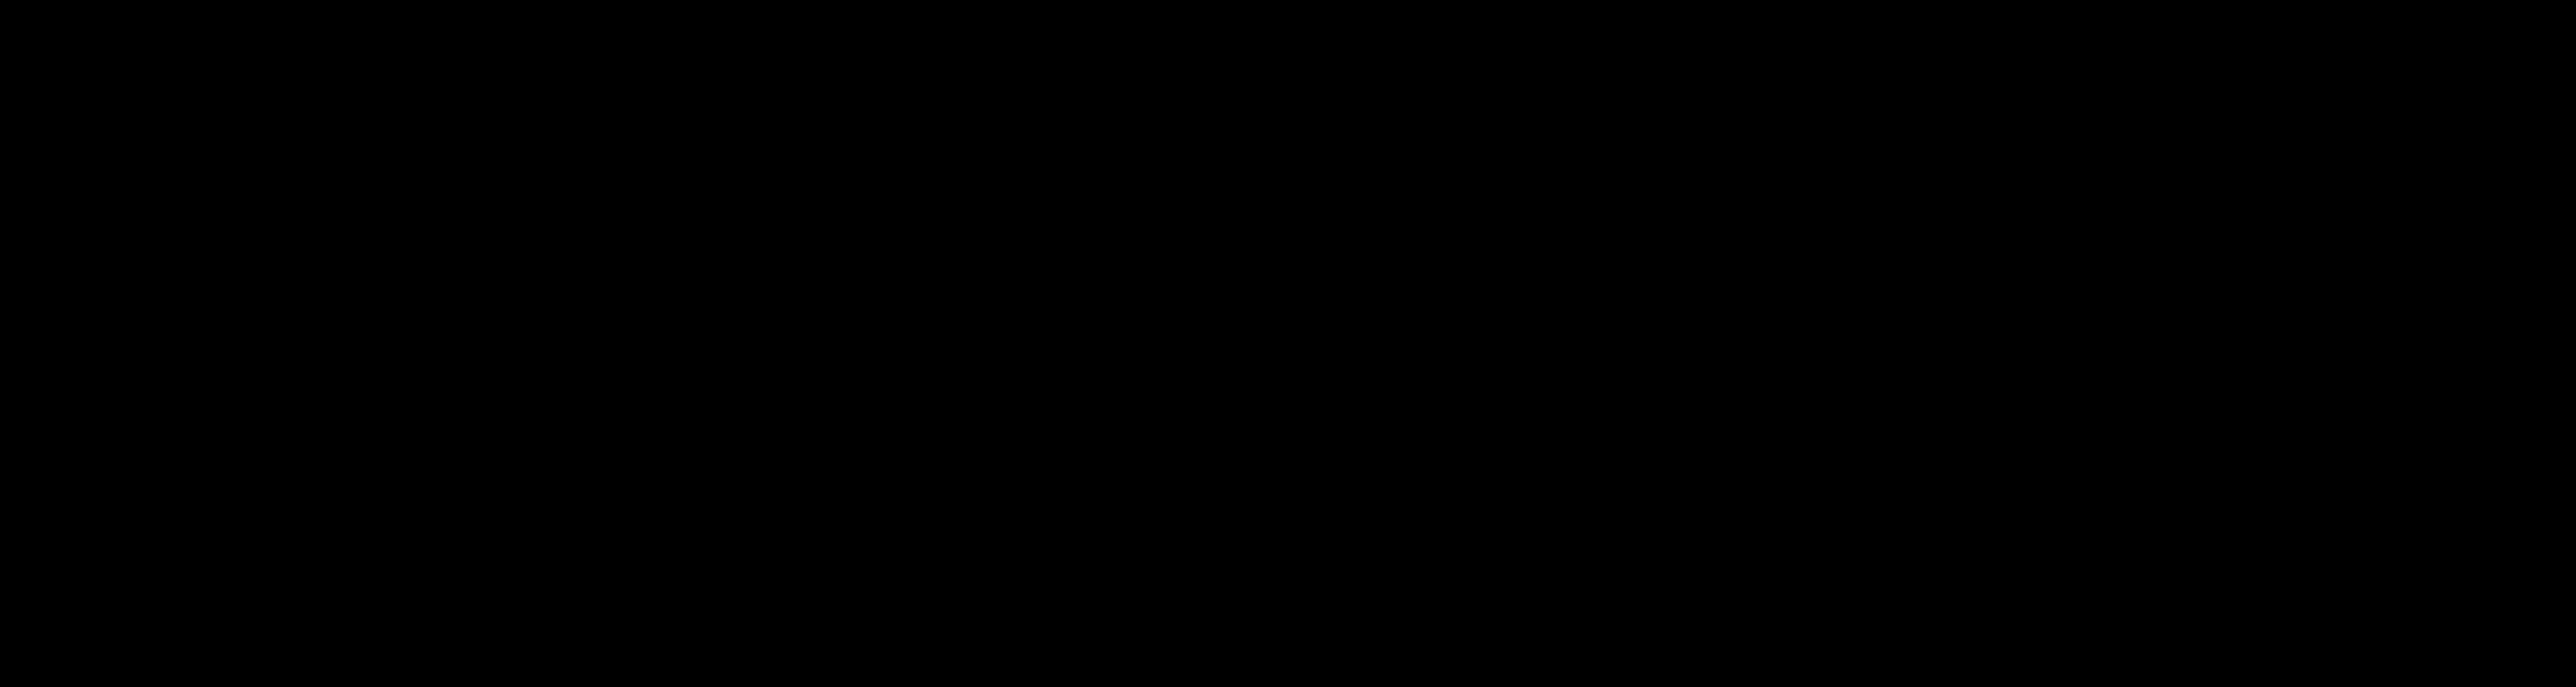 slide-sito-_-Biografia-di-un-amore-palmette-festival